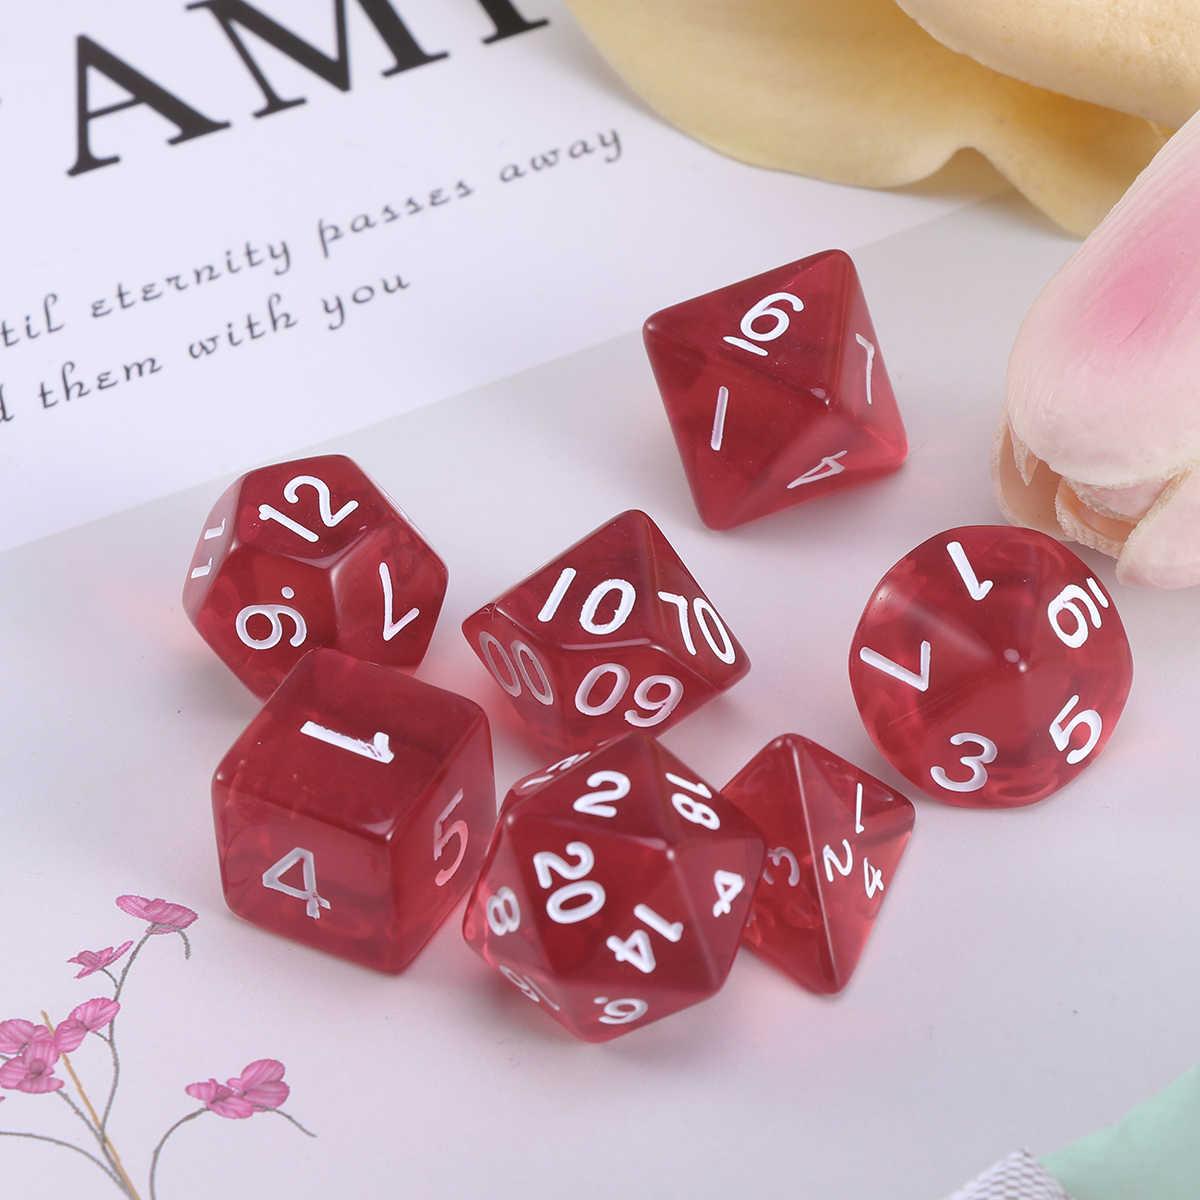 20 Sided Game Dice D20 Poliédrica Dos Dados Para Jogos de Mesa Dungeons And Dragons (Vermelho)